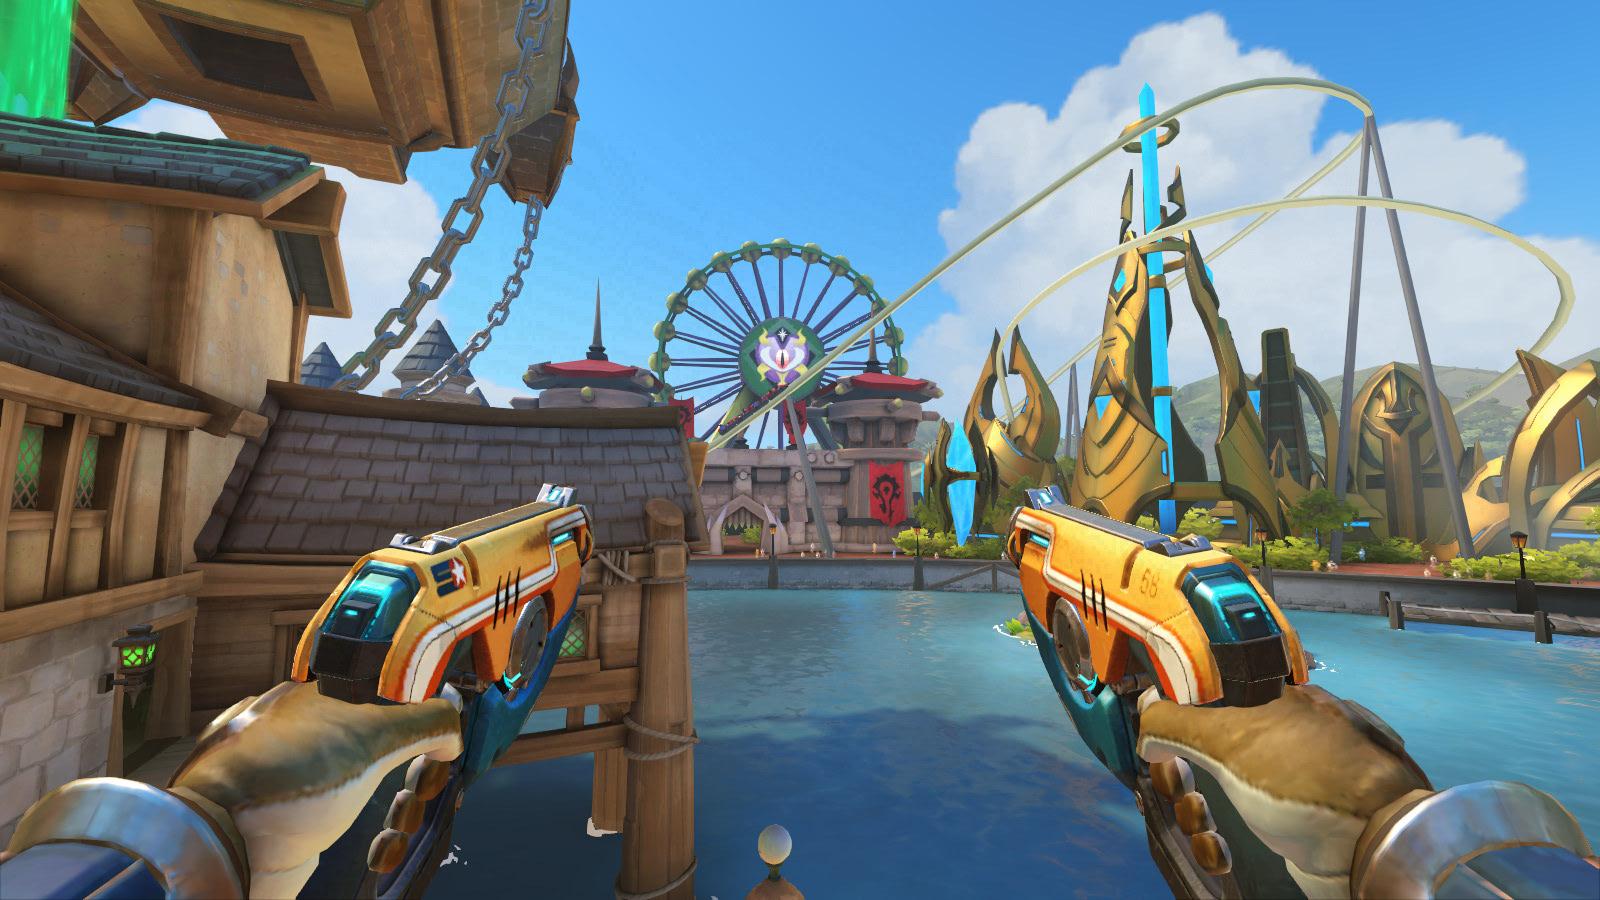 La grande roue de Sombrelune est visible sur la map Blizzard World